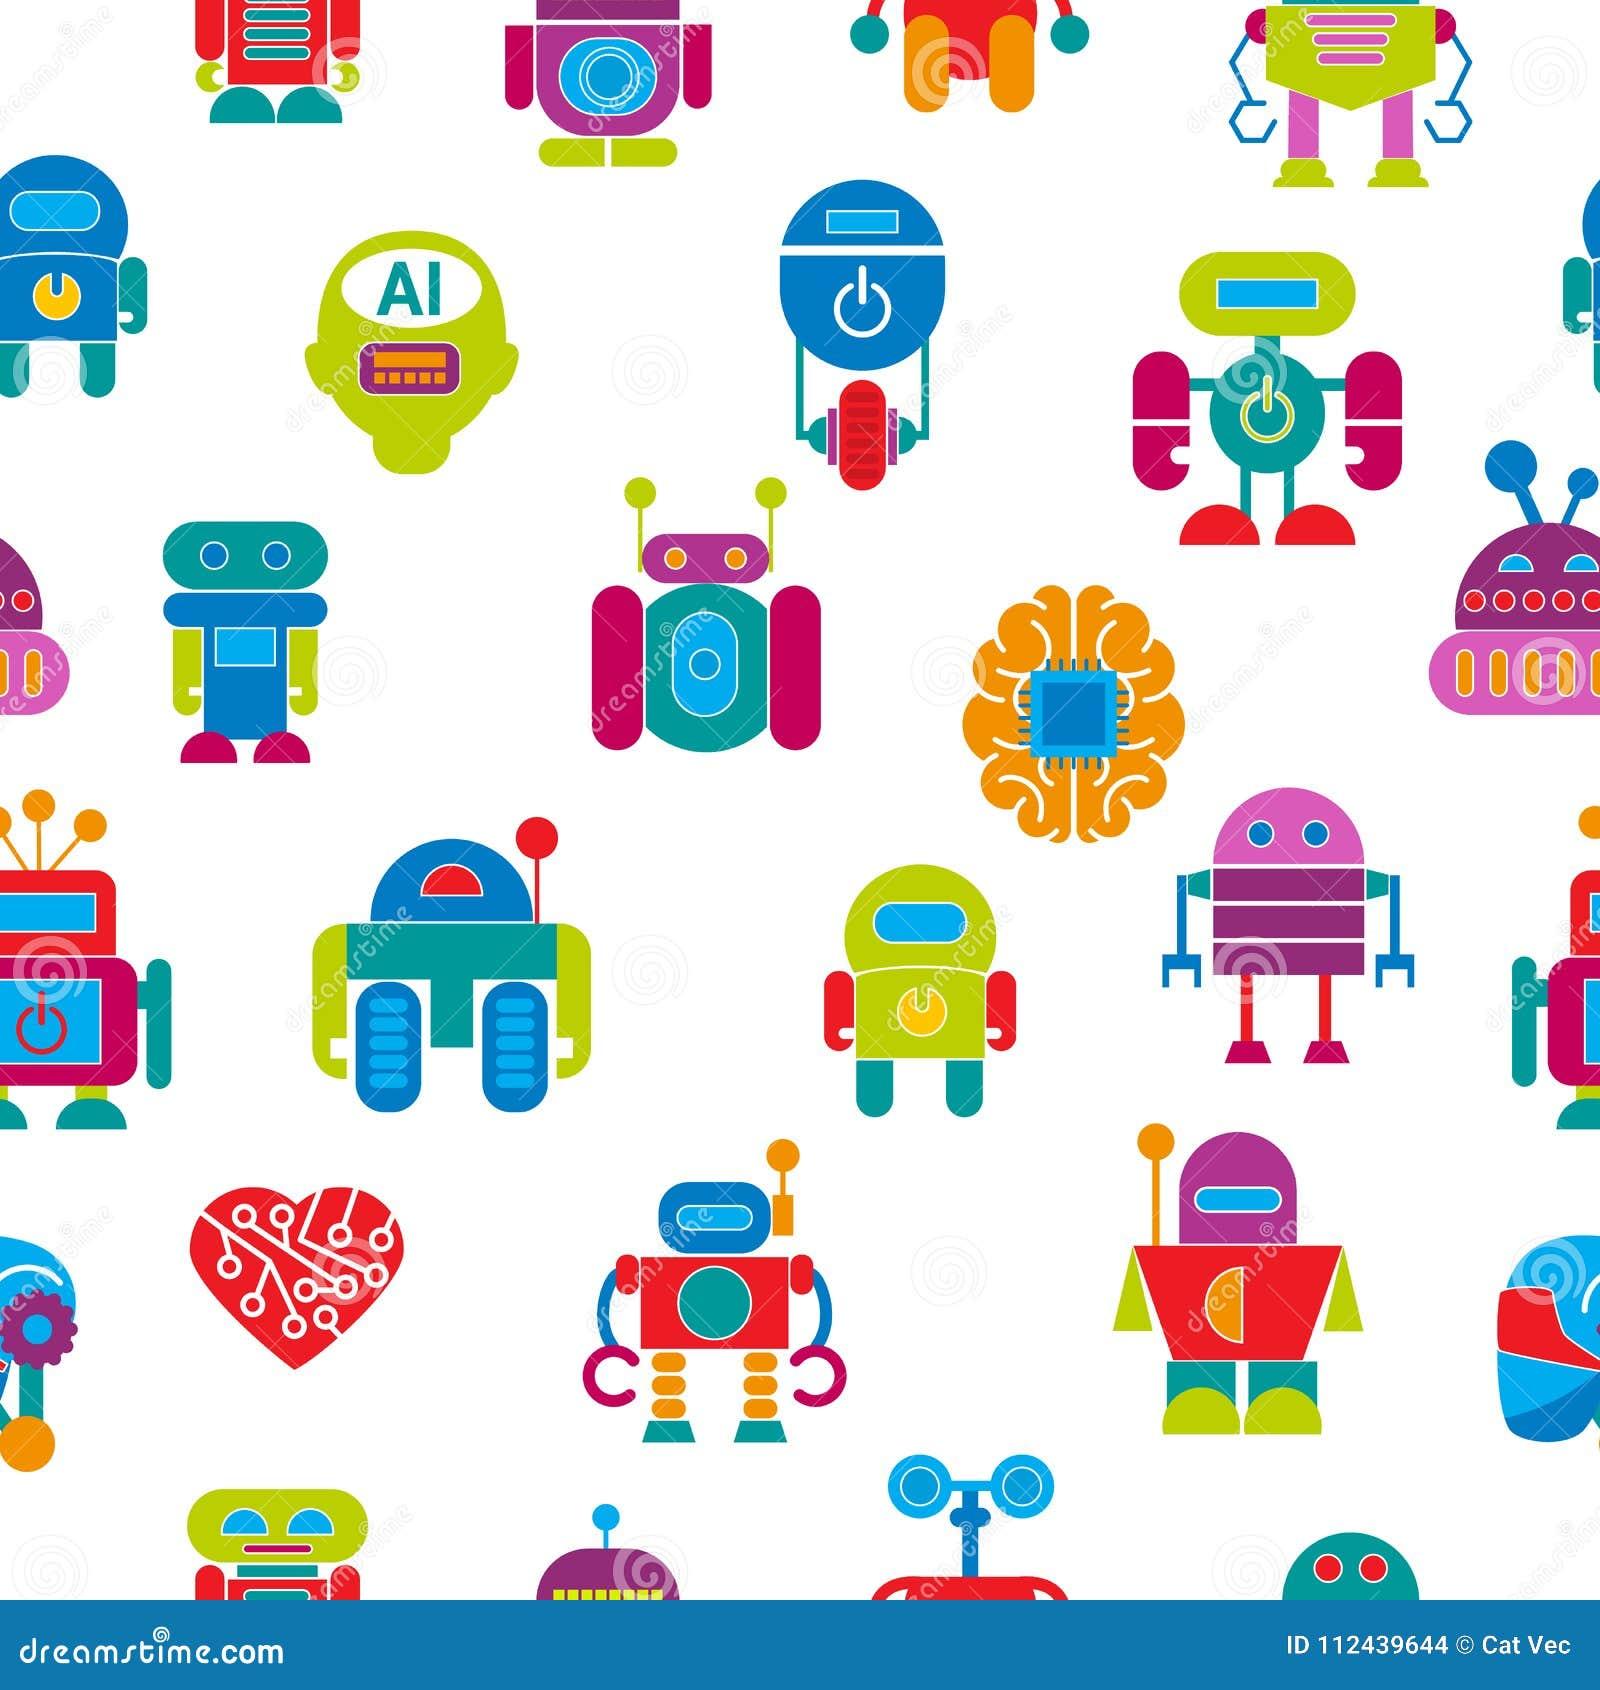 传染媒介机器人技术设计未来派孩子平的小儿童靠机械装置维持生命的人机器人字符型计算机科学未来